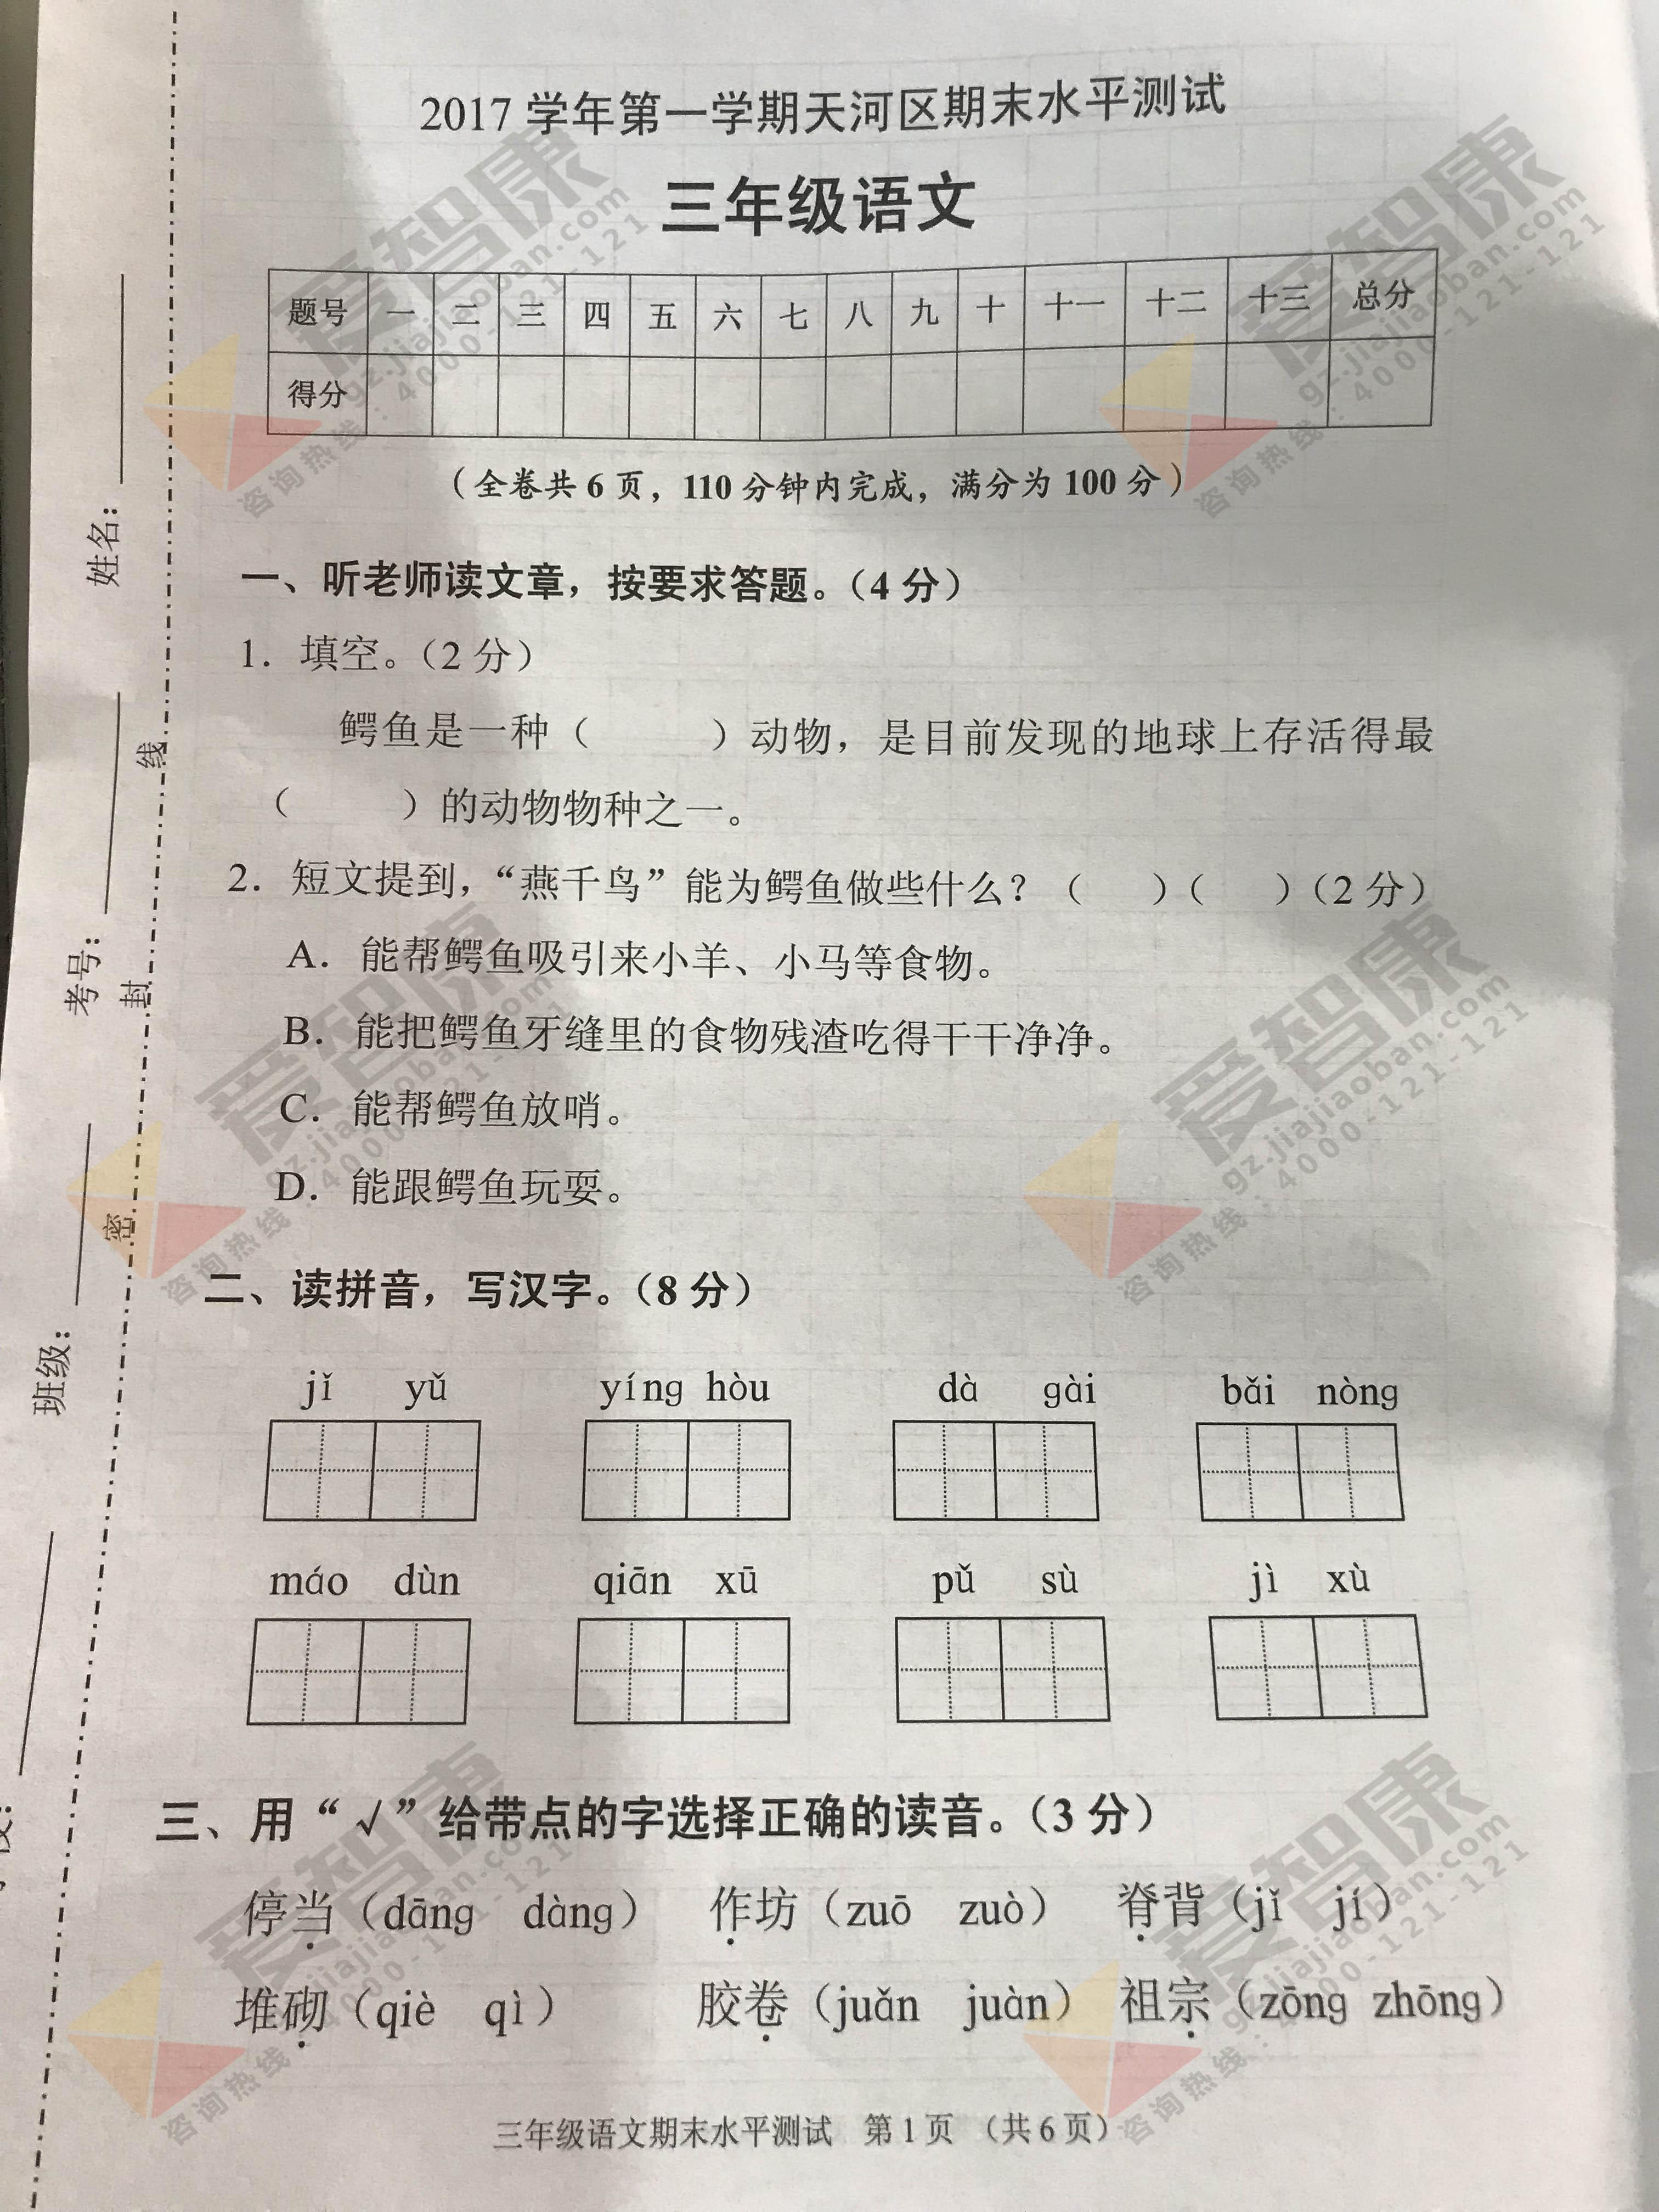 2017-2018学年广州天河区三年级上学期期末语文试卷及答案解析